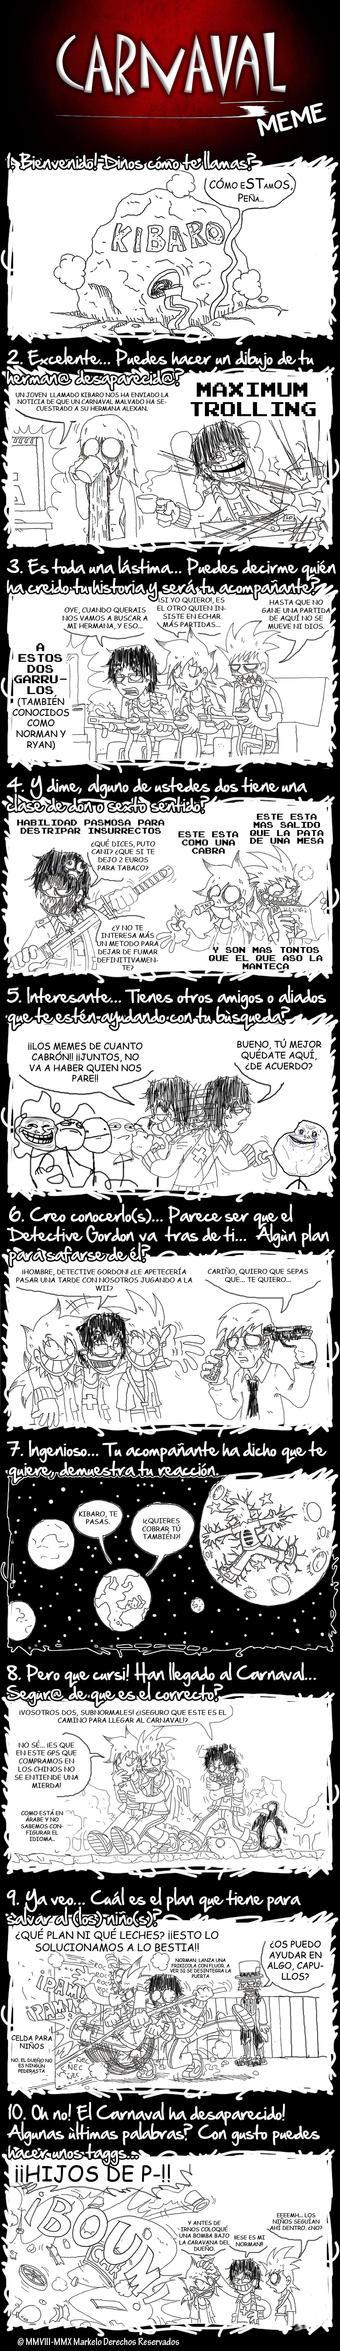 Carnaval Meme made in Kibaro by Kibaro-Kun on DeviantArt